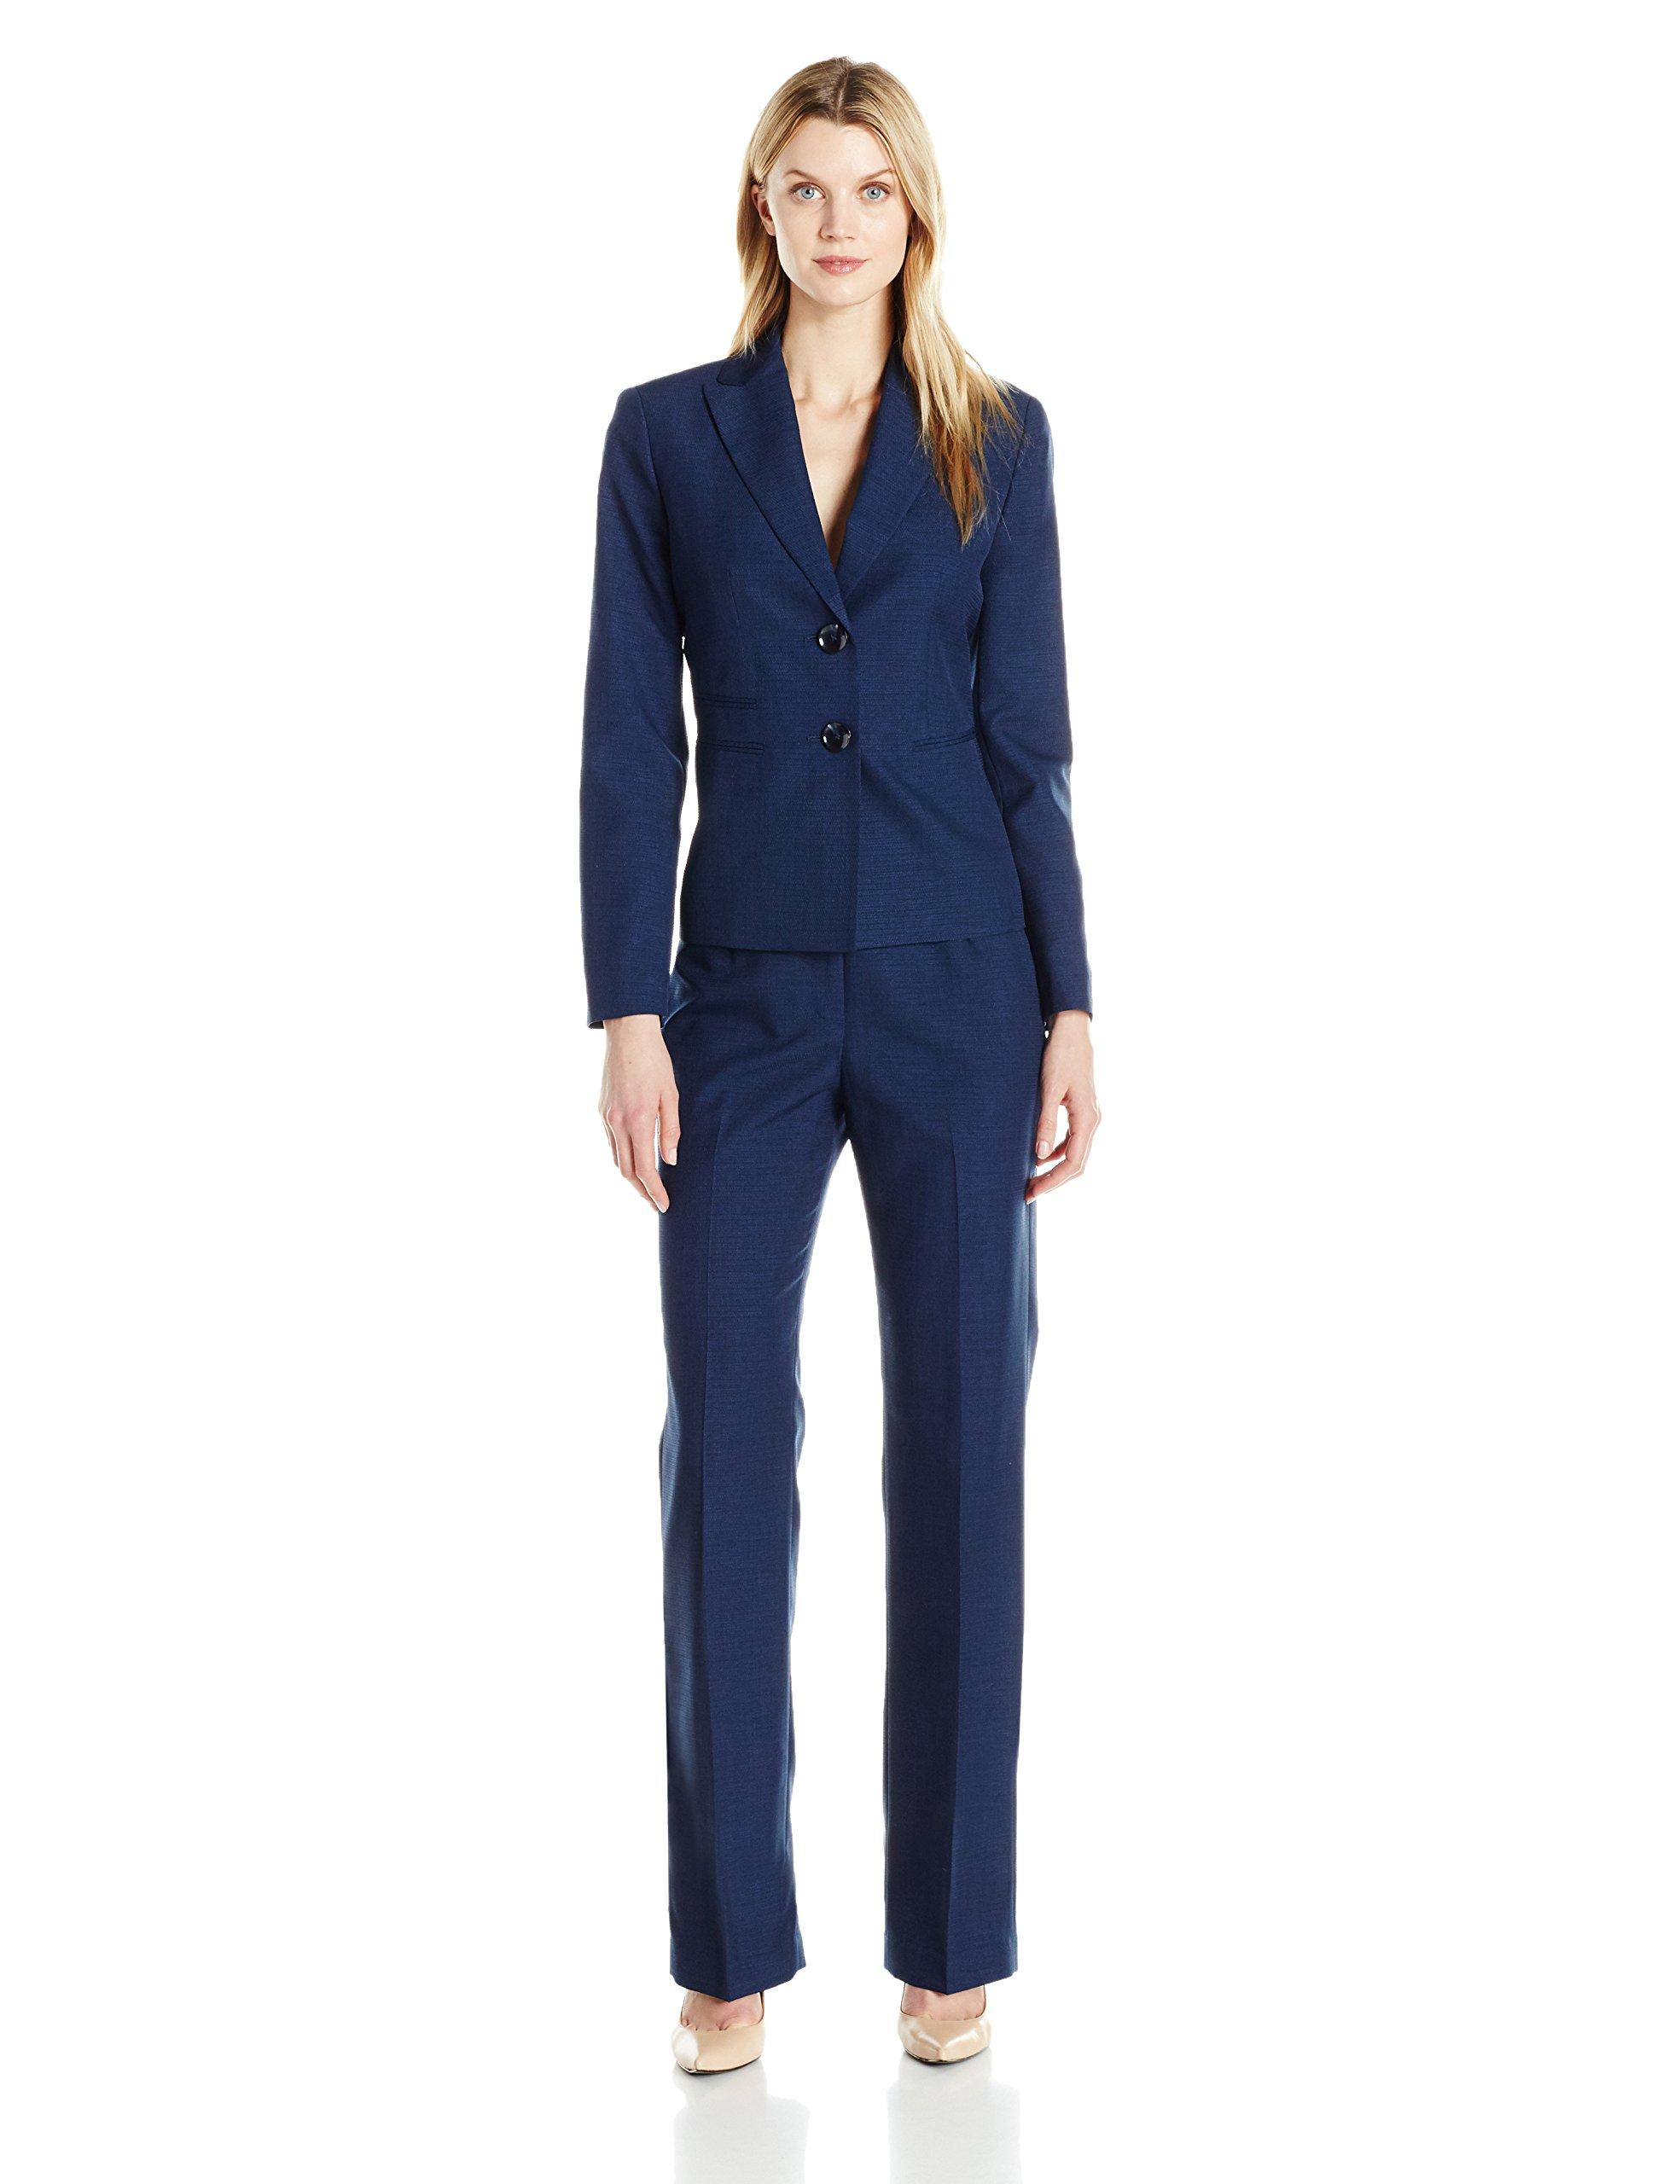 Le Suit Women's Two Button Pant Suit, Navy, 14